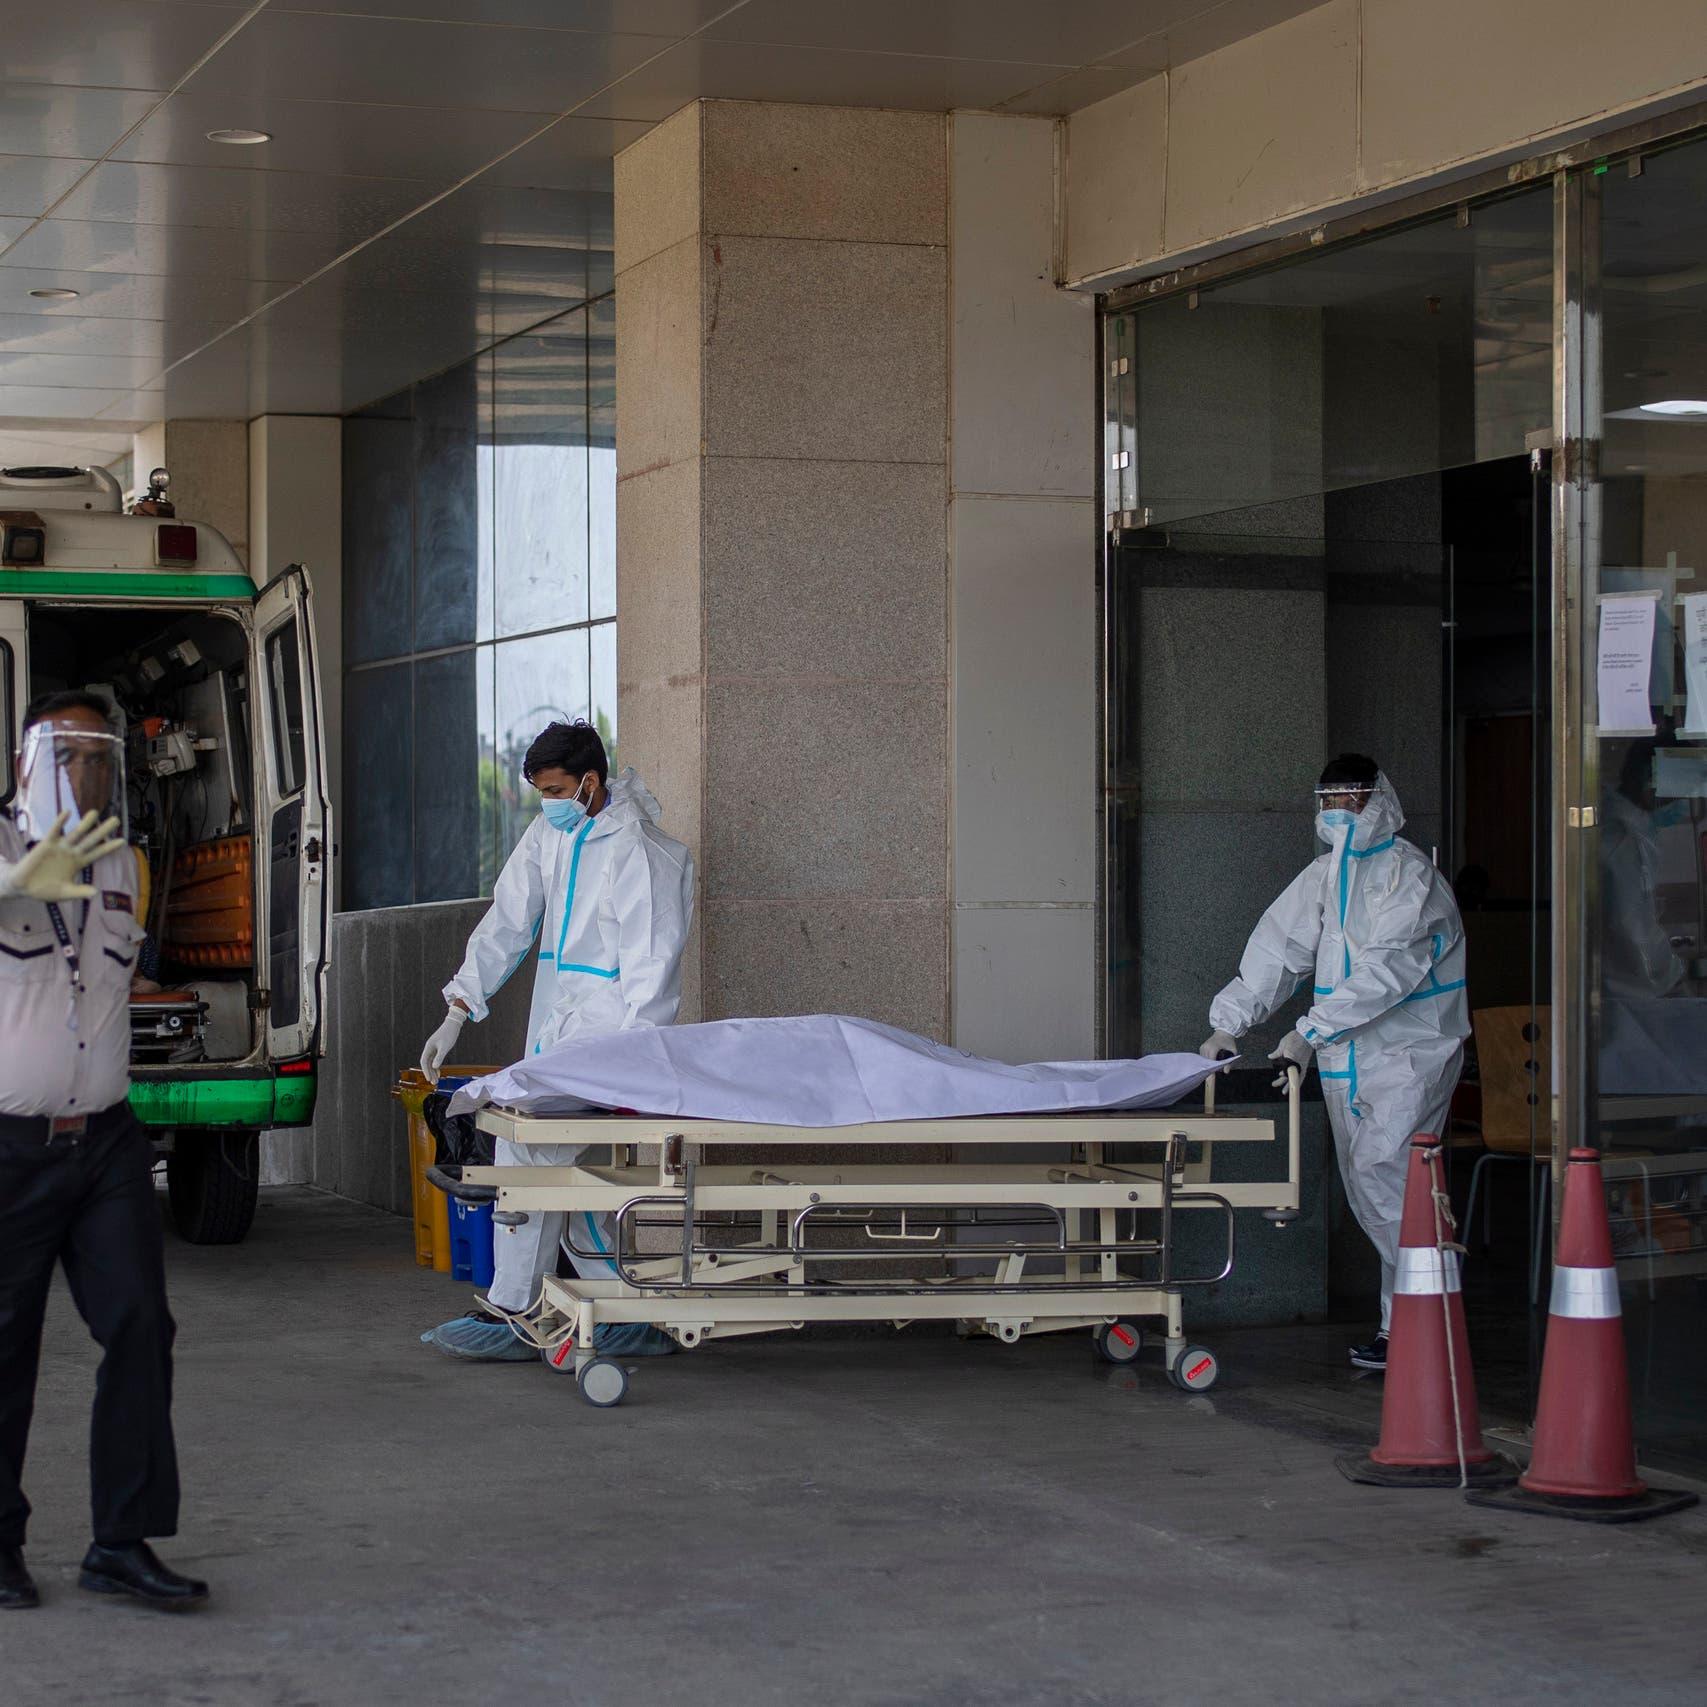 مأساة في هذا البلد.. 22 مصاباً ماتوا لانقطاع الأكسجين